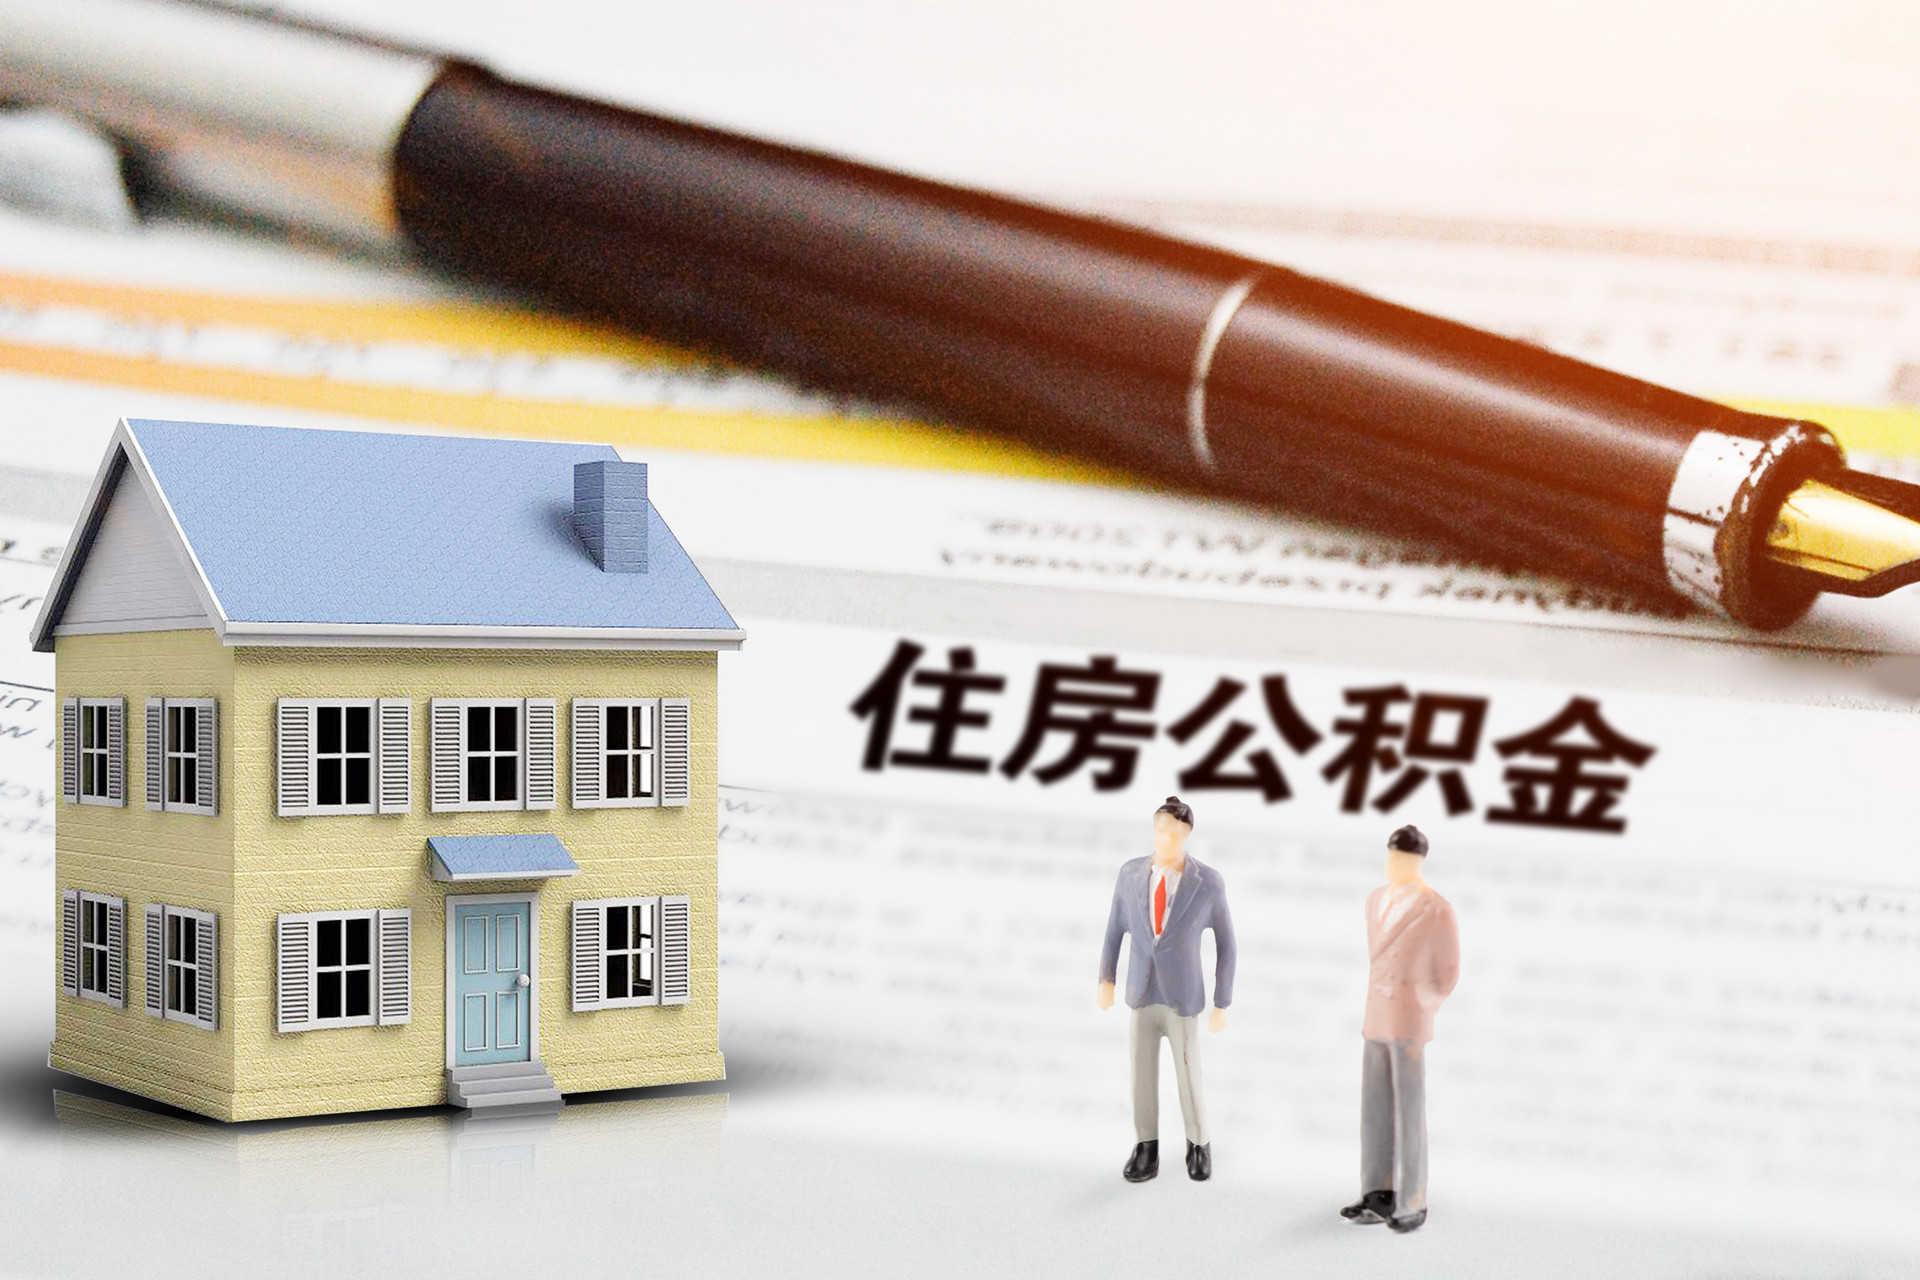 社保公积金代缴,,北京住房公积金,北京住房公积金提取条件